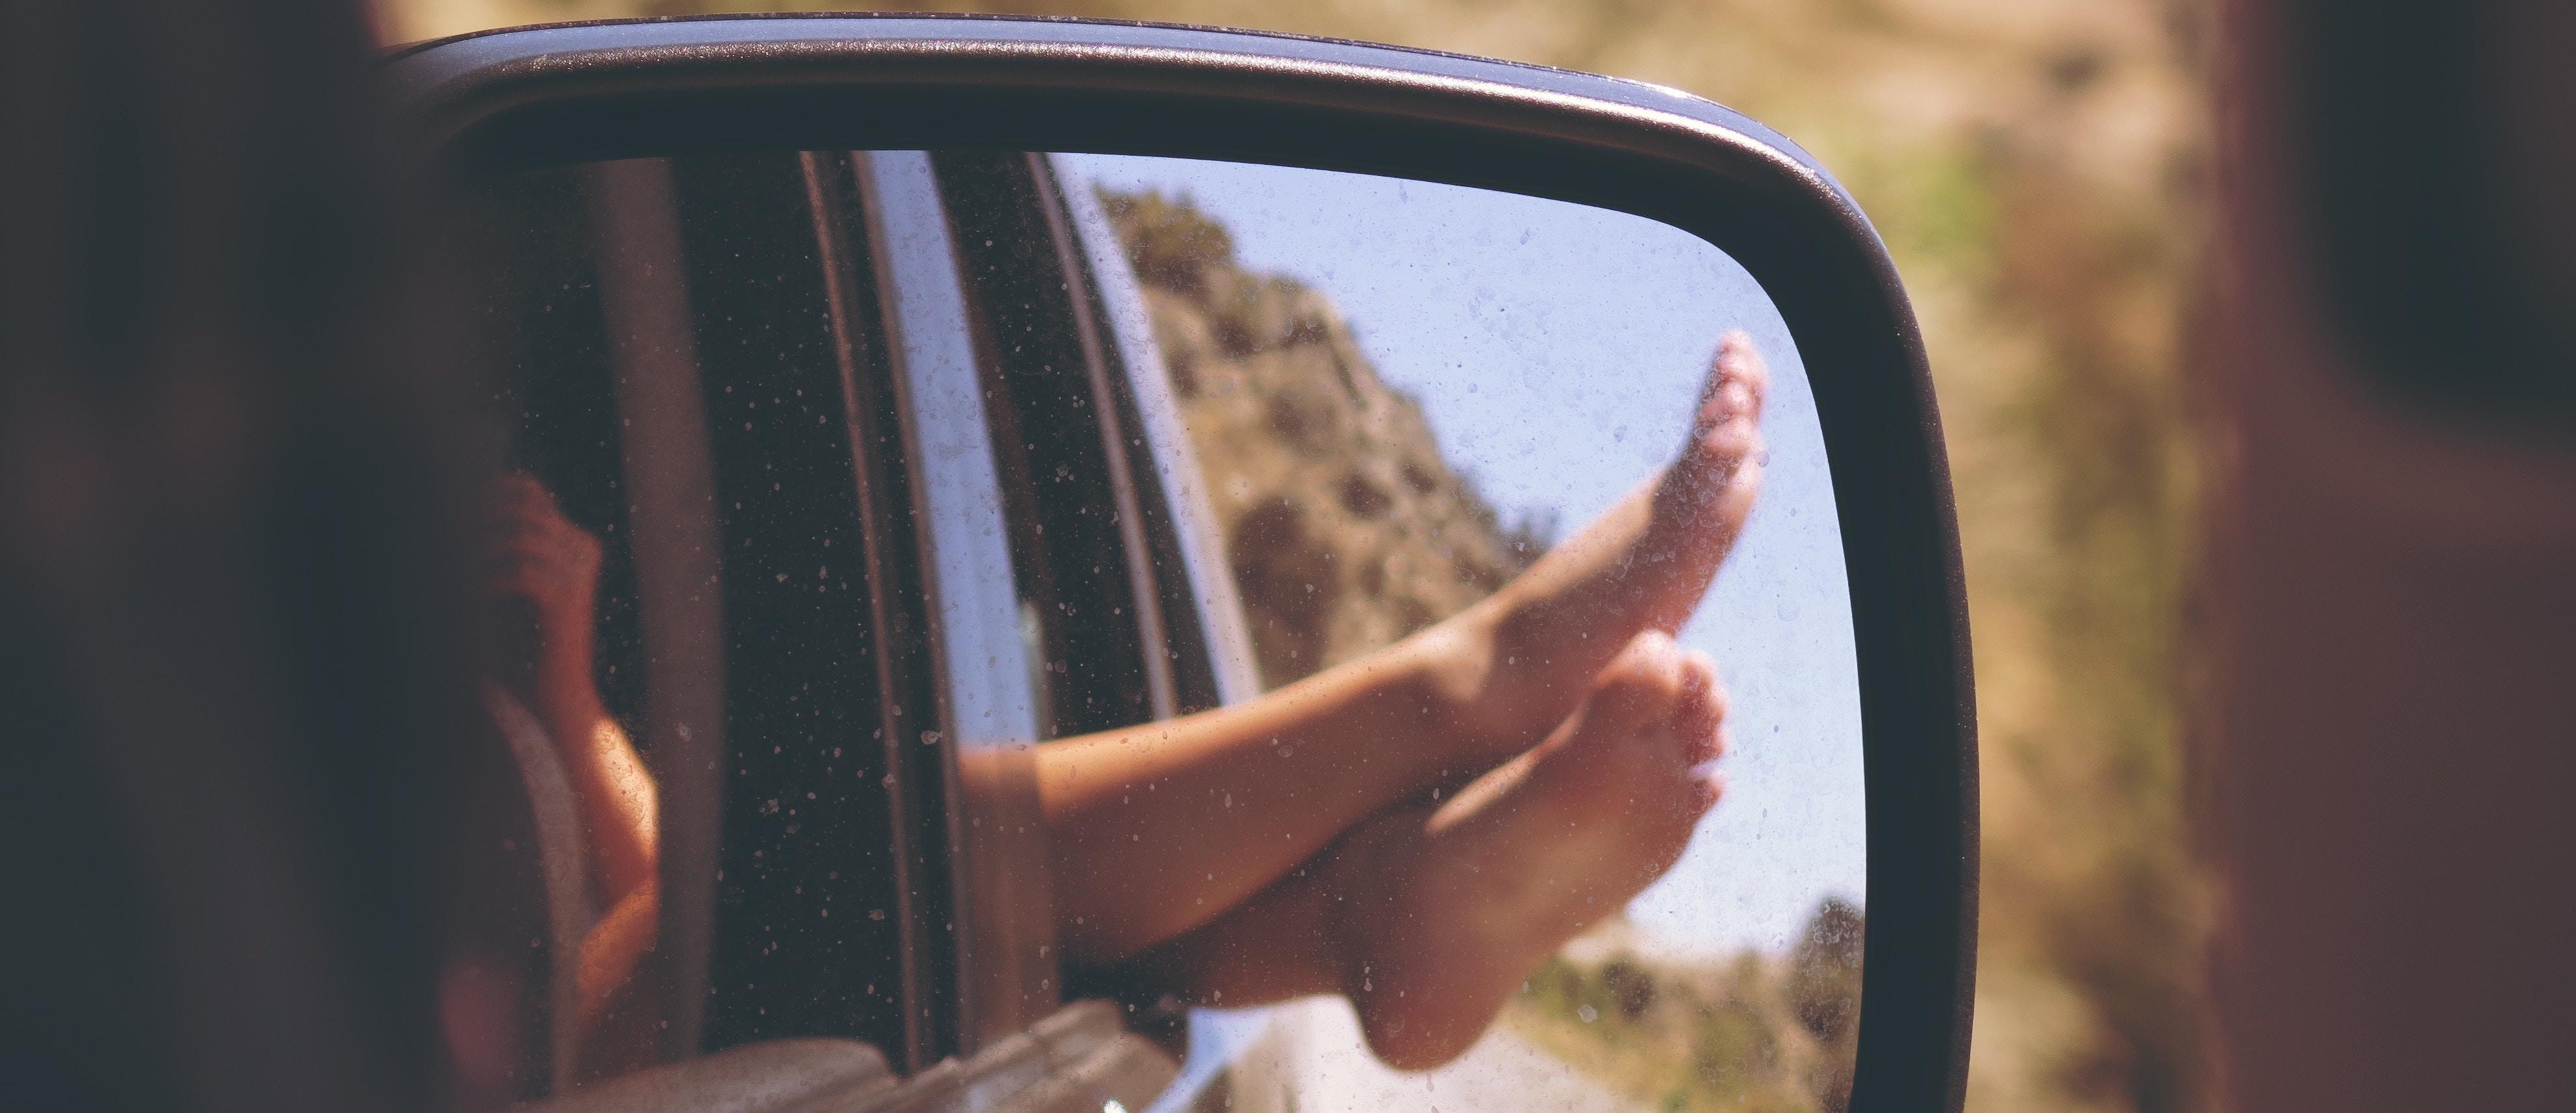 Vérifier son véhicule à la maison avant de partir en vacances